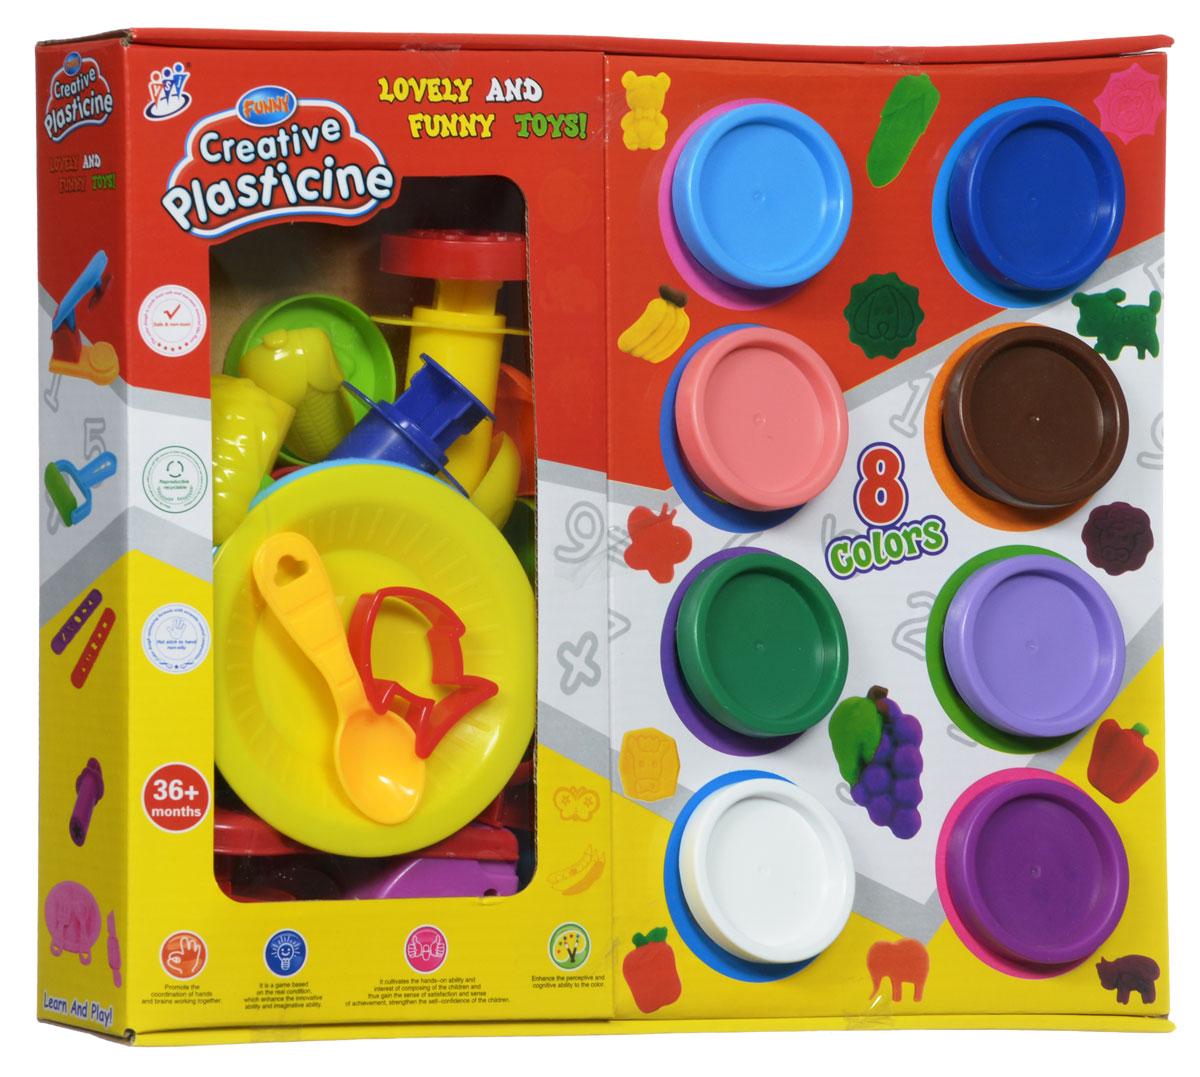 Bradex Набор для творчества Креативный пластилинDE 0124Набор для творчества с формочками Bradex Креативный пластилин - это замечательный набор для игр и творчества, который не оставит равнодушным вашего ребенка. Большое разнообразие формочек и аксессуаров, входящих в набор, открывают безграничный простор для фантазии: можно слепить яркие фрукты или забавных зверюшек, делать цветные штампы или создавать новые цвета, смешивая идущие в наборе. Широкий выбор уникальных инструментов для моделирования, штамповки и выдавливания пластилина позволит создать разнообразные фигурки, которые можно красиво украсить. Креативный пластилин не липнет к рукам и поверхностям, легко собирается обратно в банку и быстро застывает. В наборе 8 баночек пластилина, формочки и инструменты для лепки. Уважаемые клиенты! Обращаем ваше внимание на цветовой ассортимент товара. Поставка осуществляется в зависимости от наличия на складе.